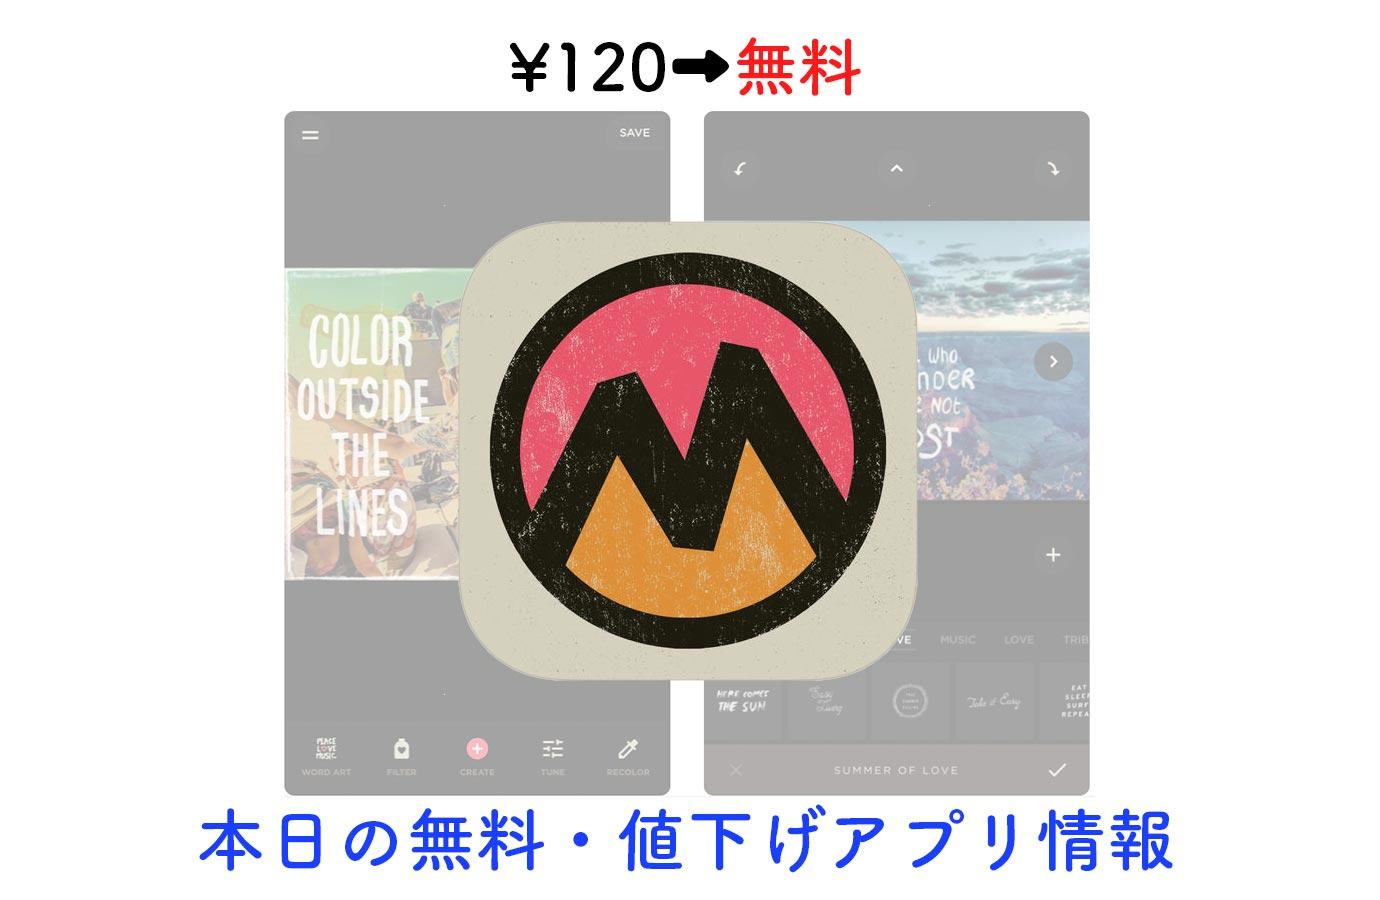 120円→無料、オシャレなフィルターなど多くの機能を搭載した写真加工アプリ「MYSTIC」など【5/6】セールアプリ情報